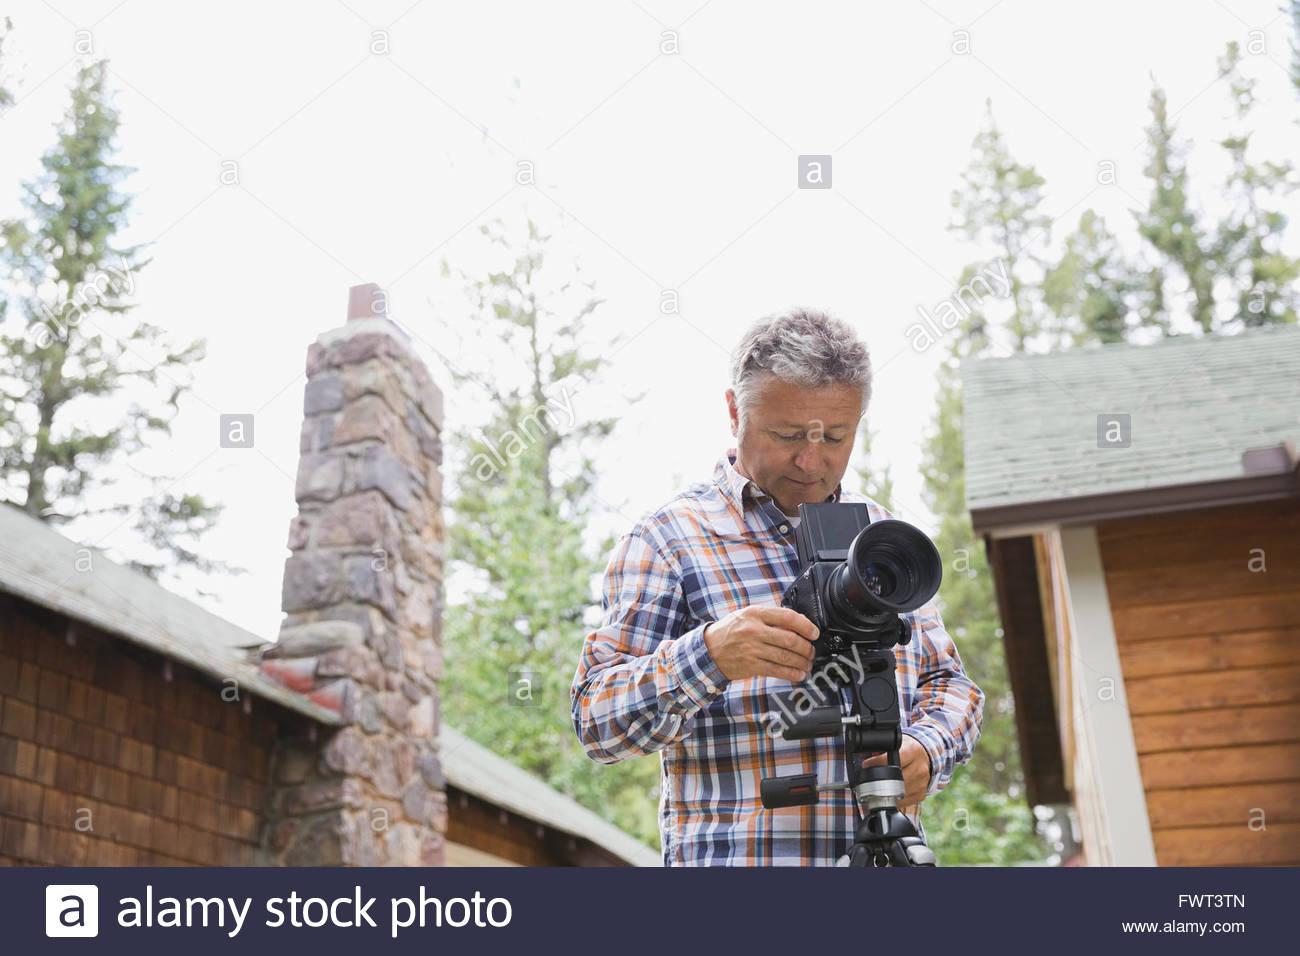 Middle-aged man adjusting lens of SLR camera in yard - Stock Image